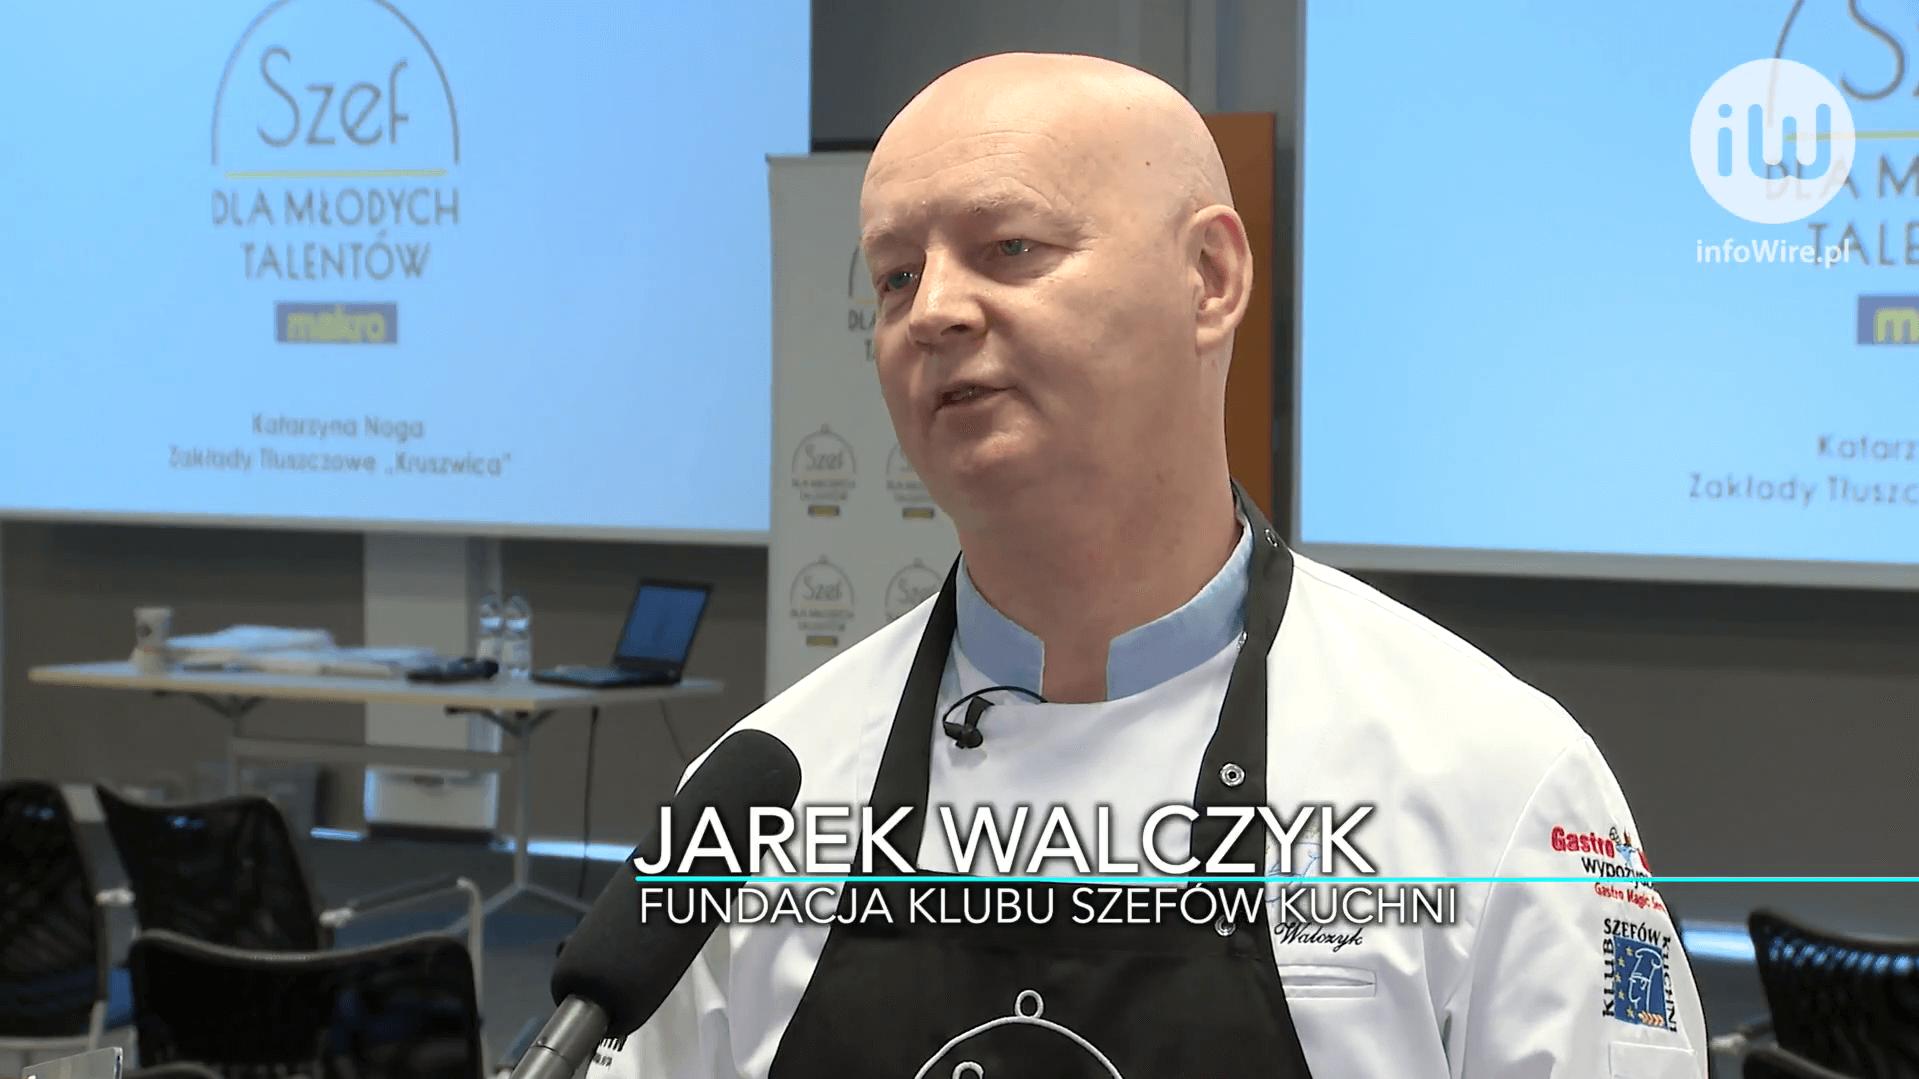 Wszechstronne zastosowanie tłuszczów w kuchni według Jarka Walczyka